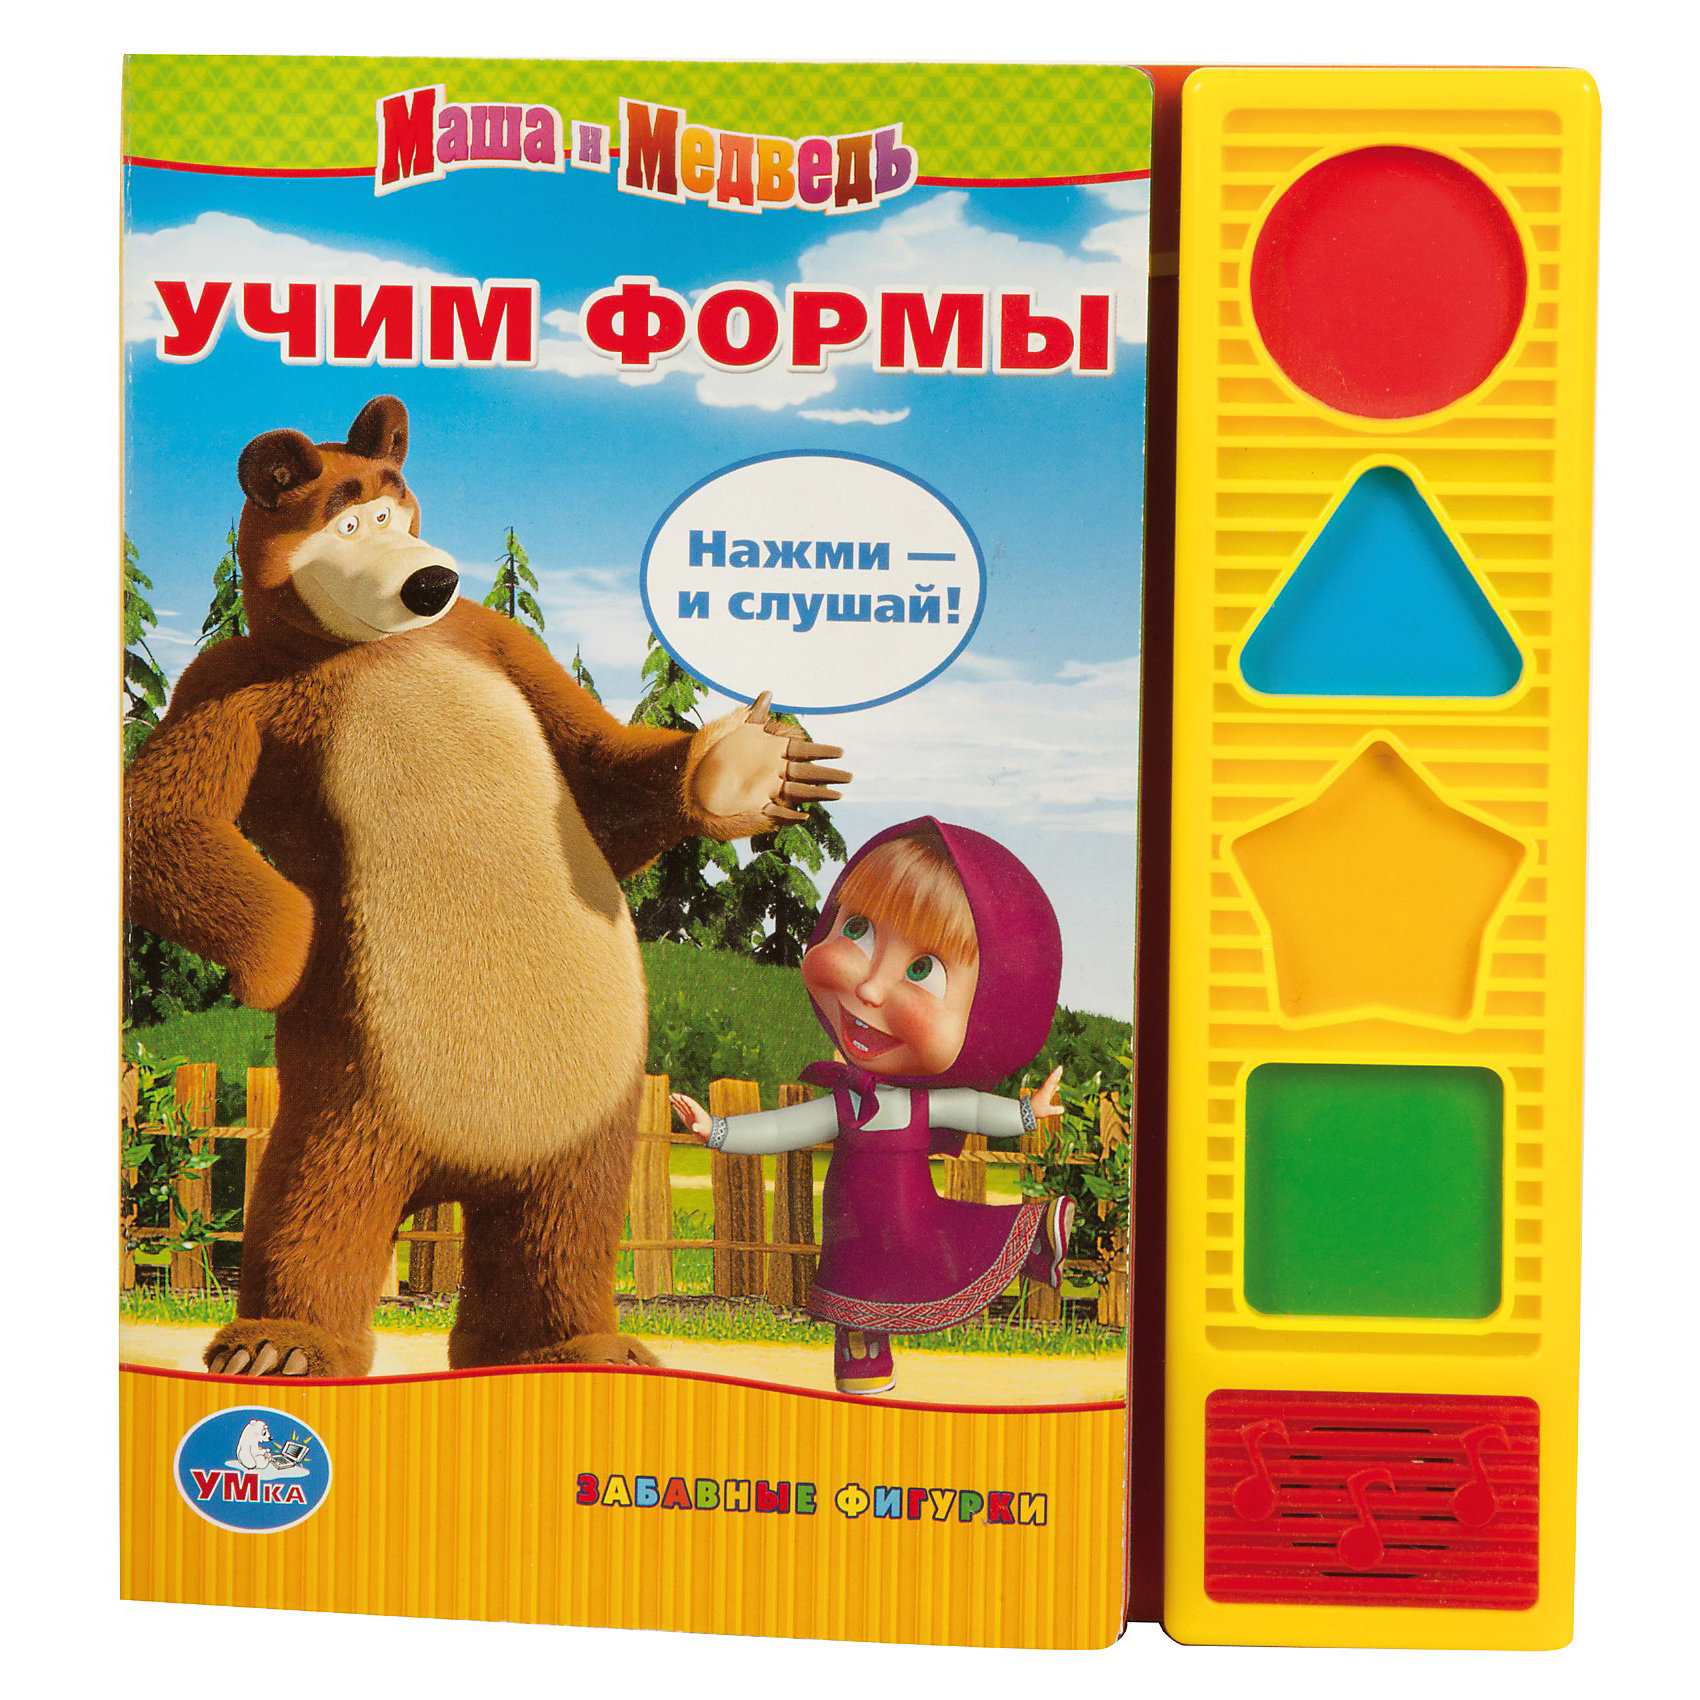 Умка Книга с песенкой Учим формы, Маша и Медведь азбукварик книга компьютер учим формы и цвета с котом леопольдом